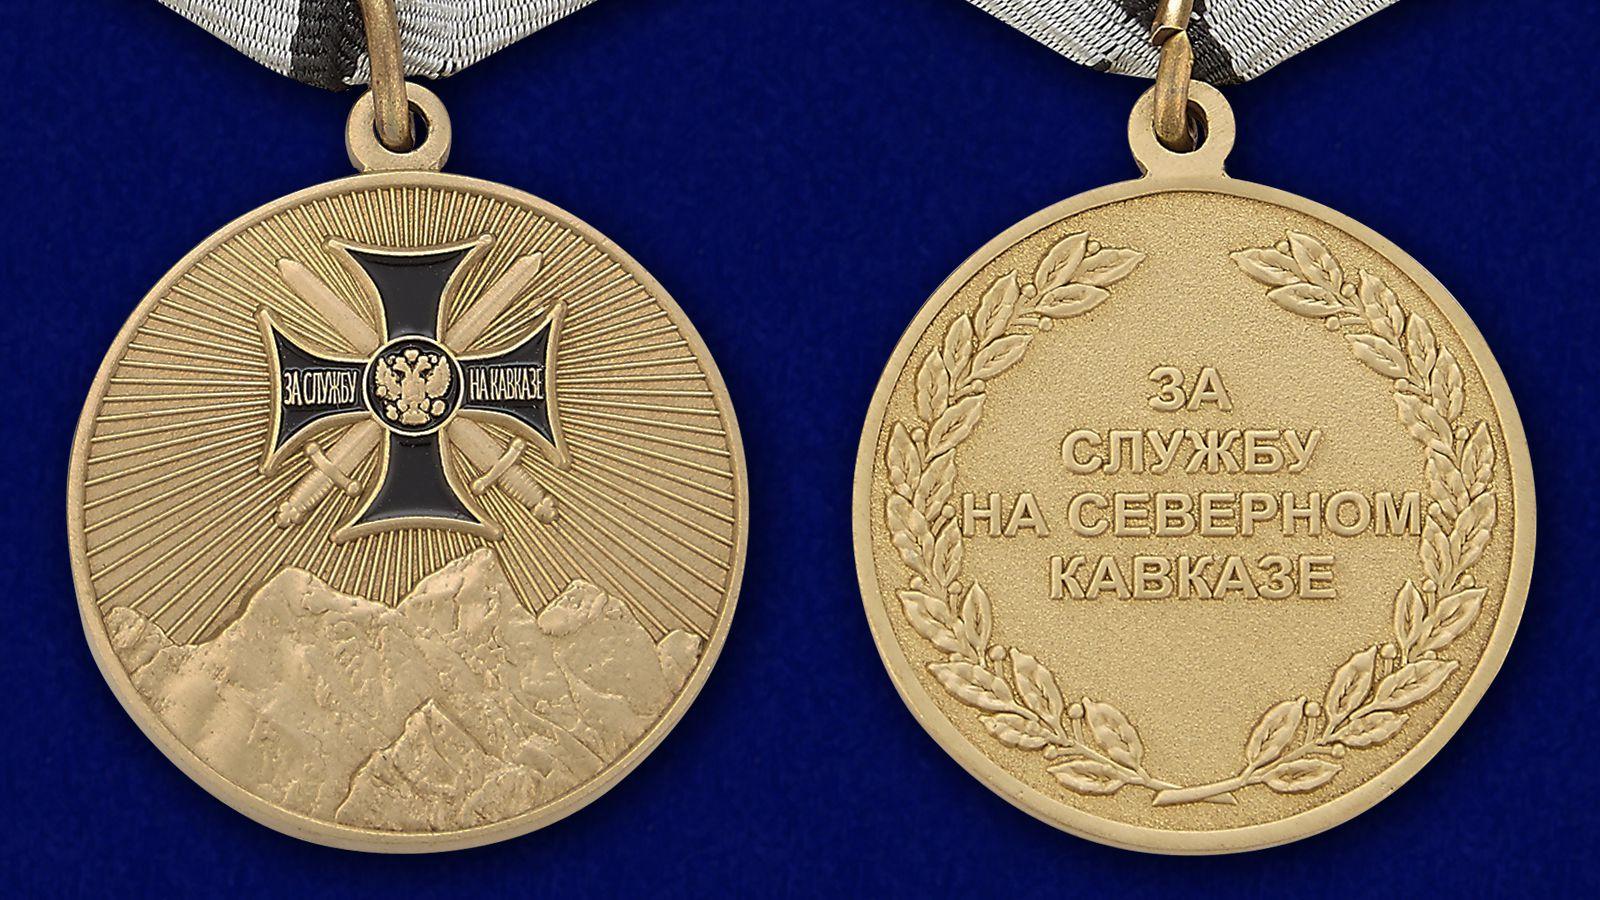 """Медаль """"За службу на Северном Кавказе"""" - аверс и реверс"""